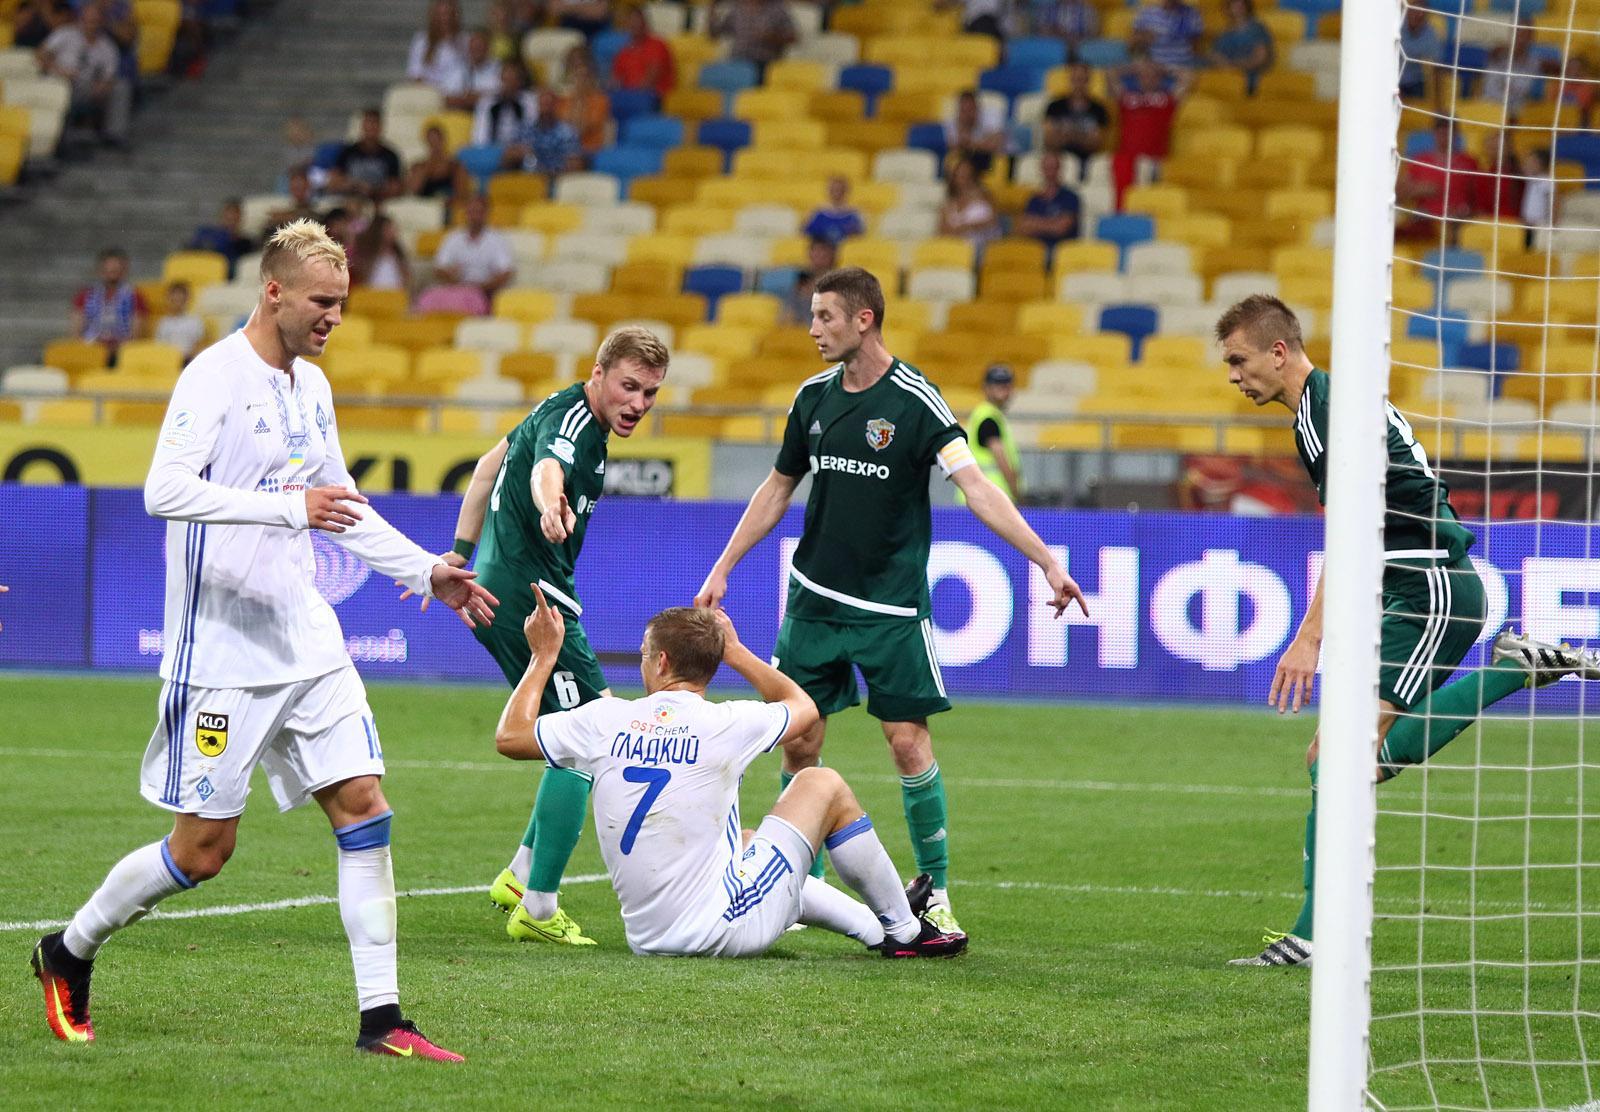 Динамо и Шахтер ставят молодежь, Днепр идет дальше по пенальти. Онлайн матчей Кубка Украины